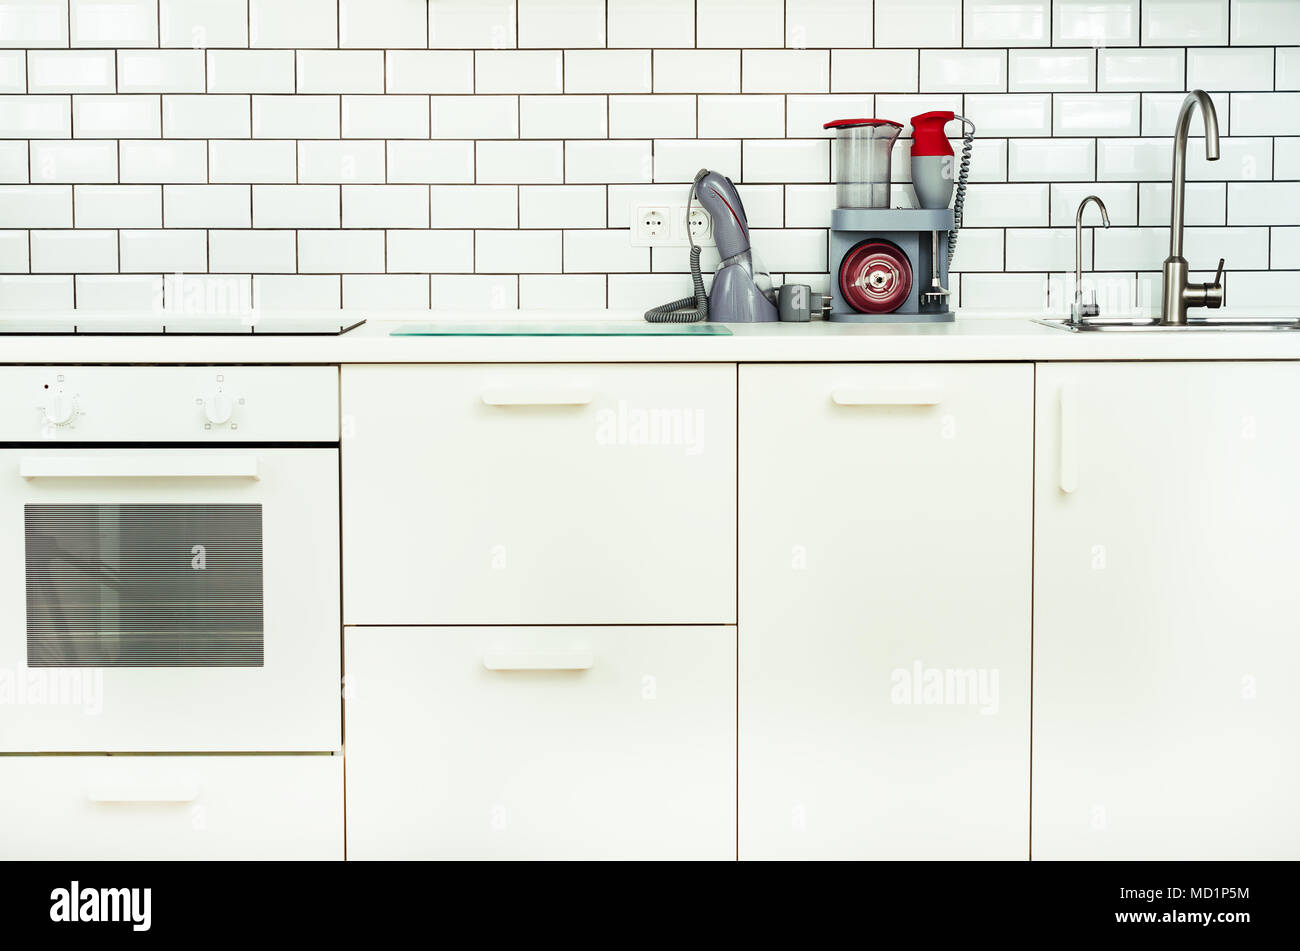 Niedlich Küchenfliese Design Ideen Aufkantung Fotos - Ideen Für Die ...